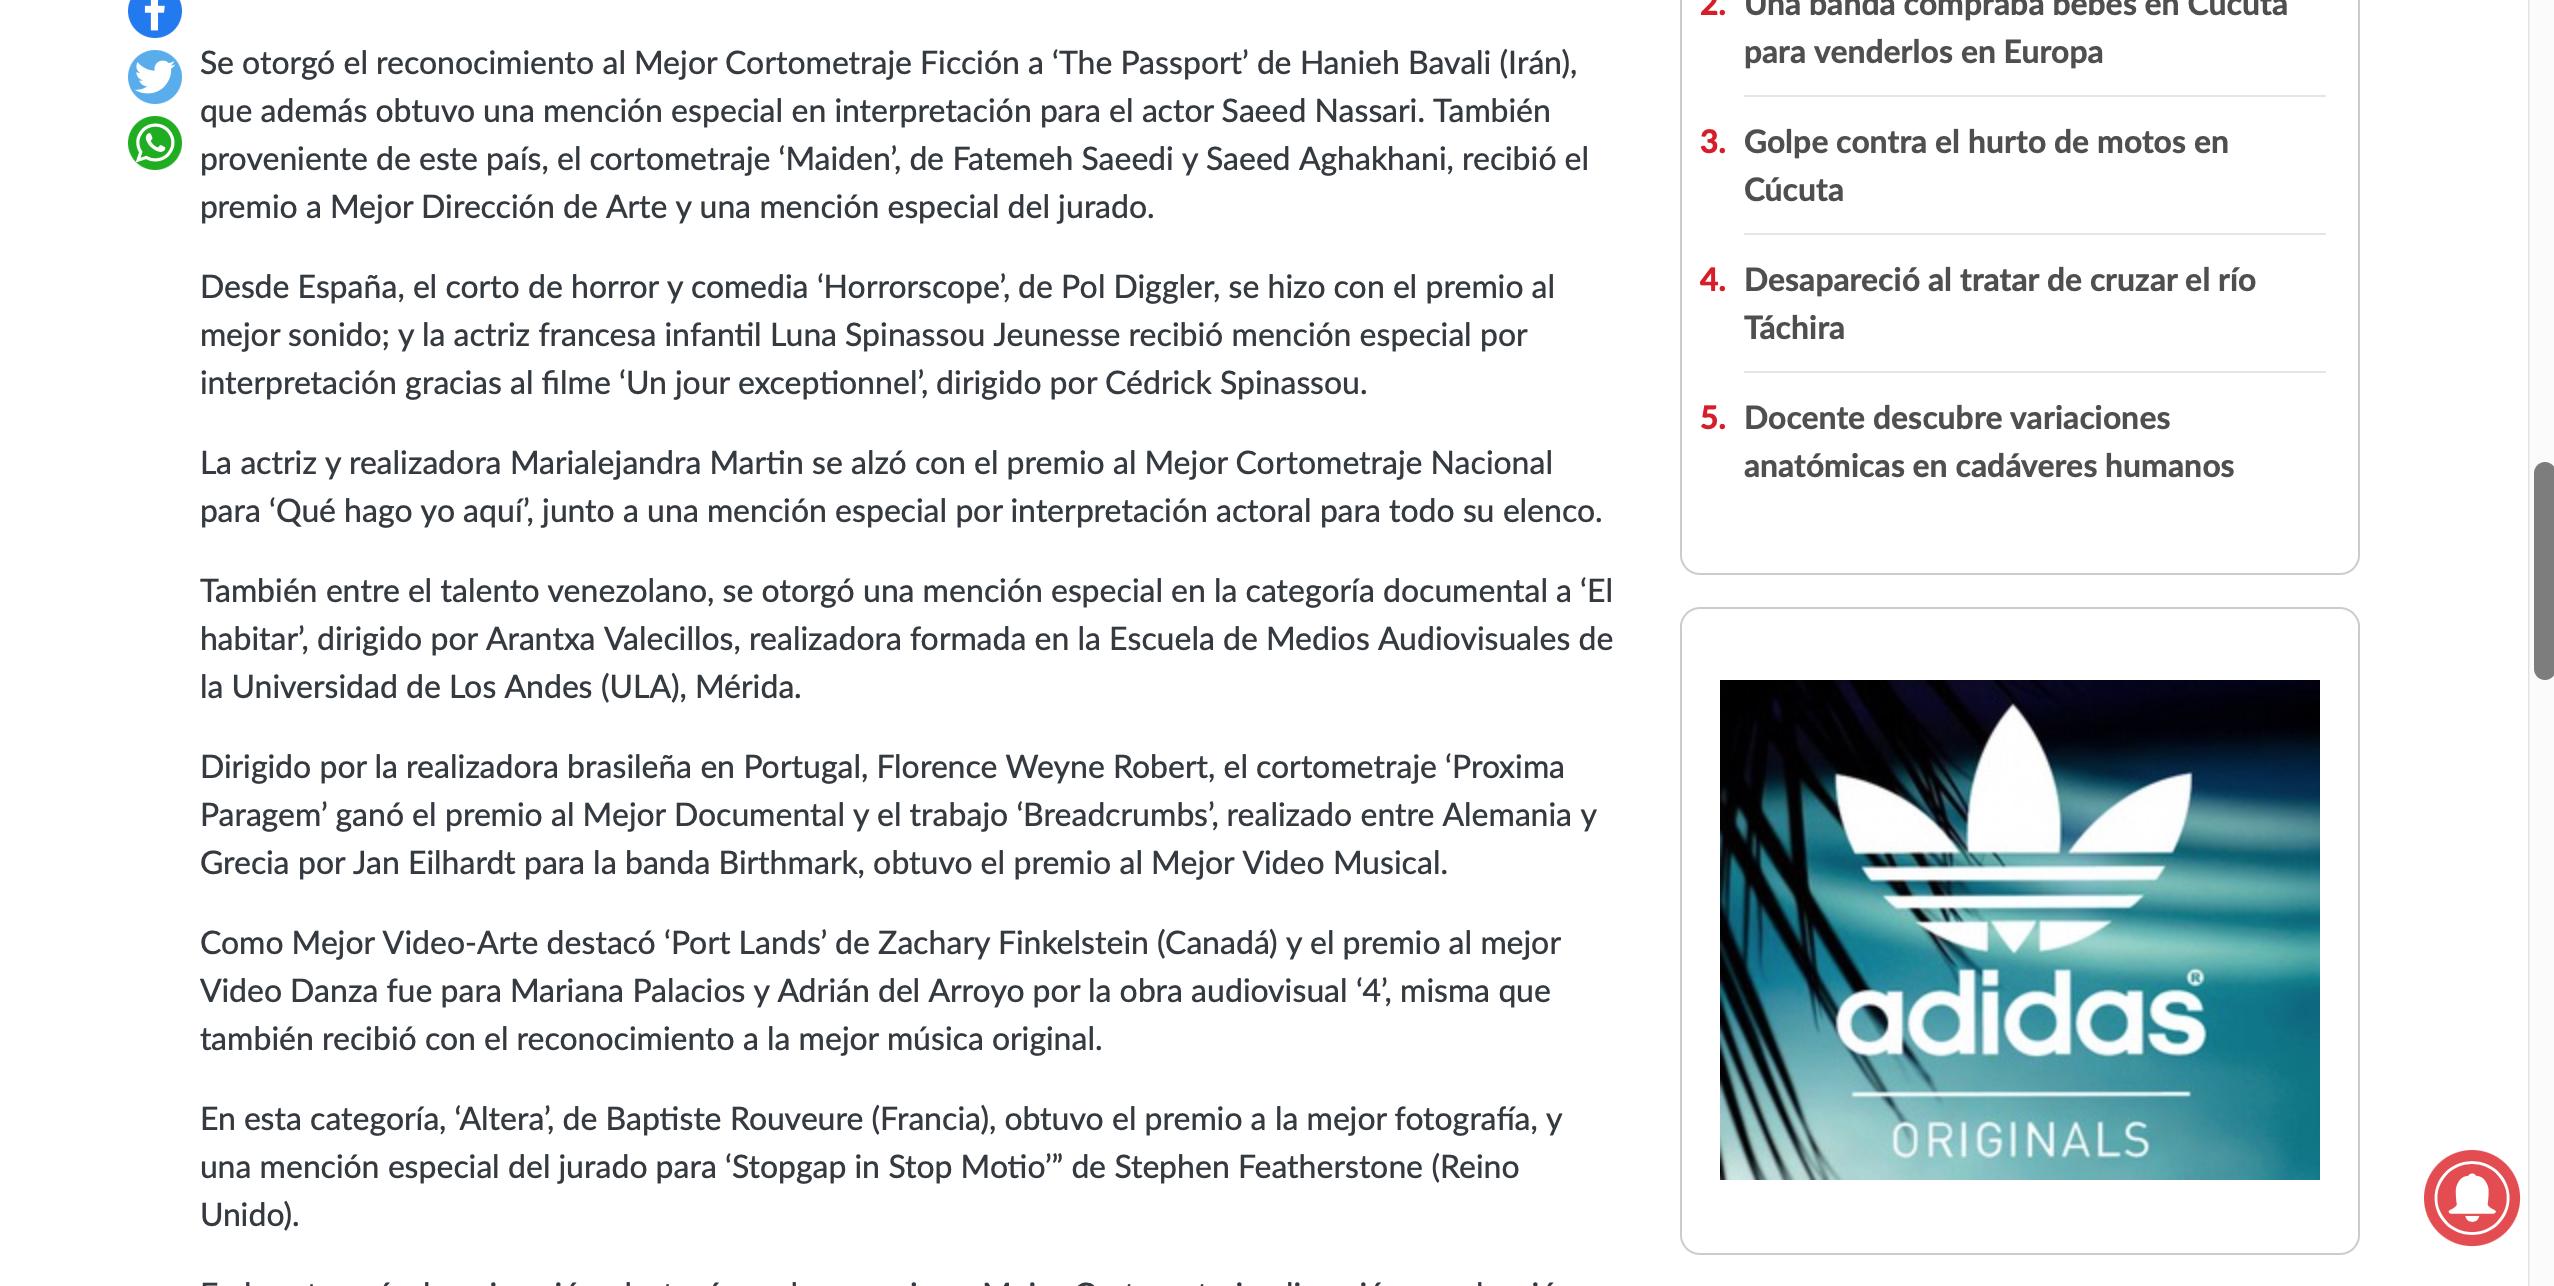 La Opinion 2 Screenshot 2021-05-02 at 20.10.15